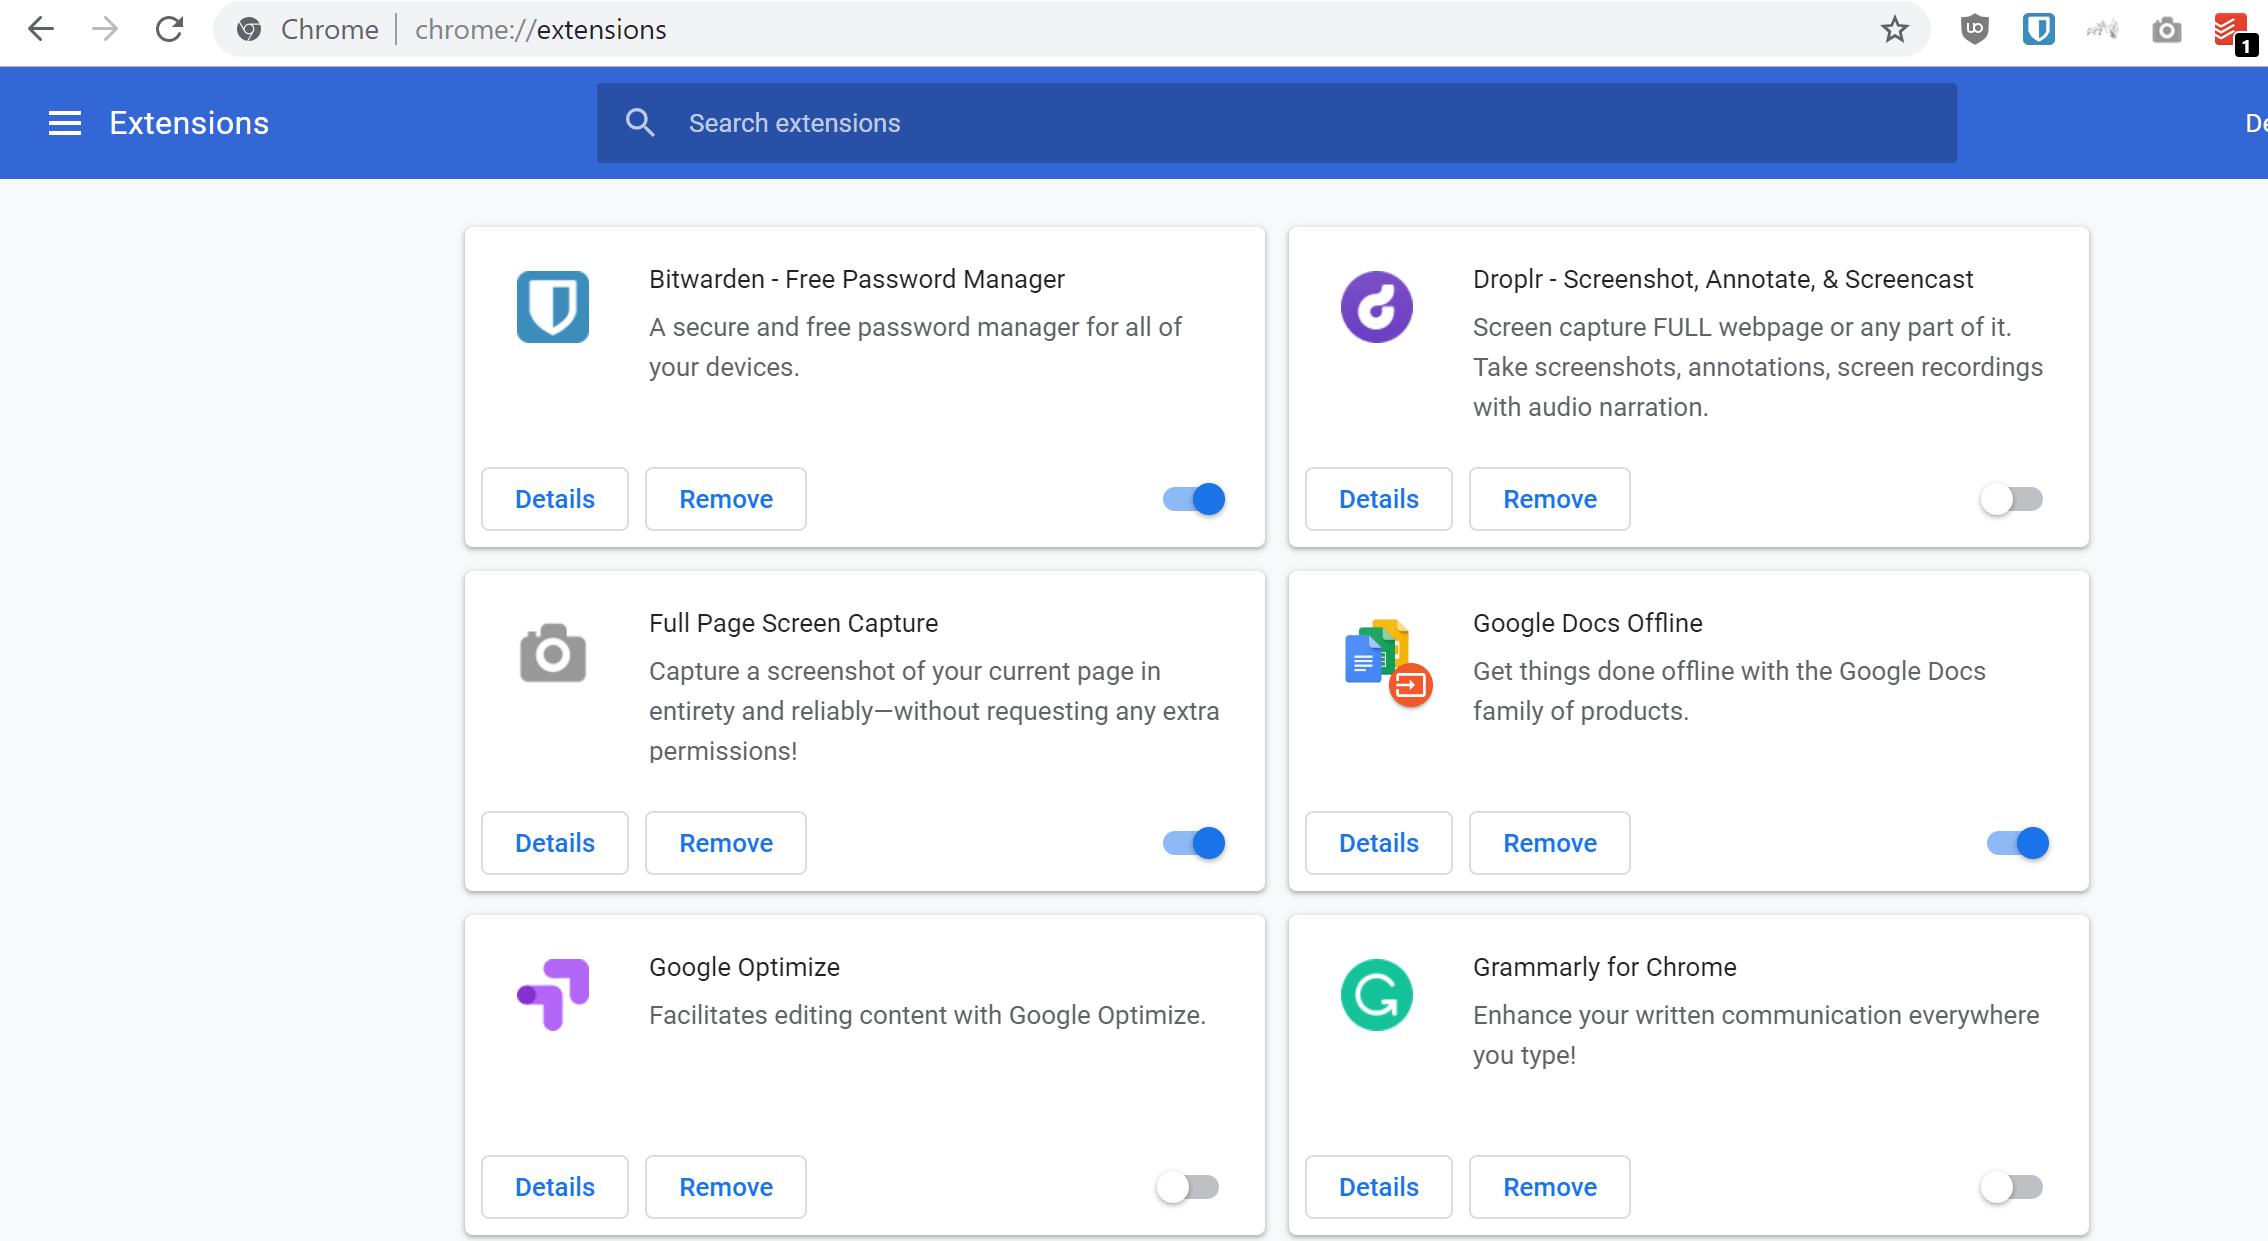 Sådan deaktiveres Chrome browserudvidelser